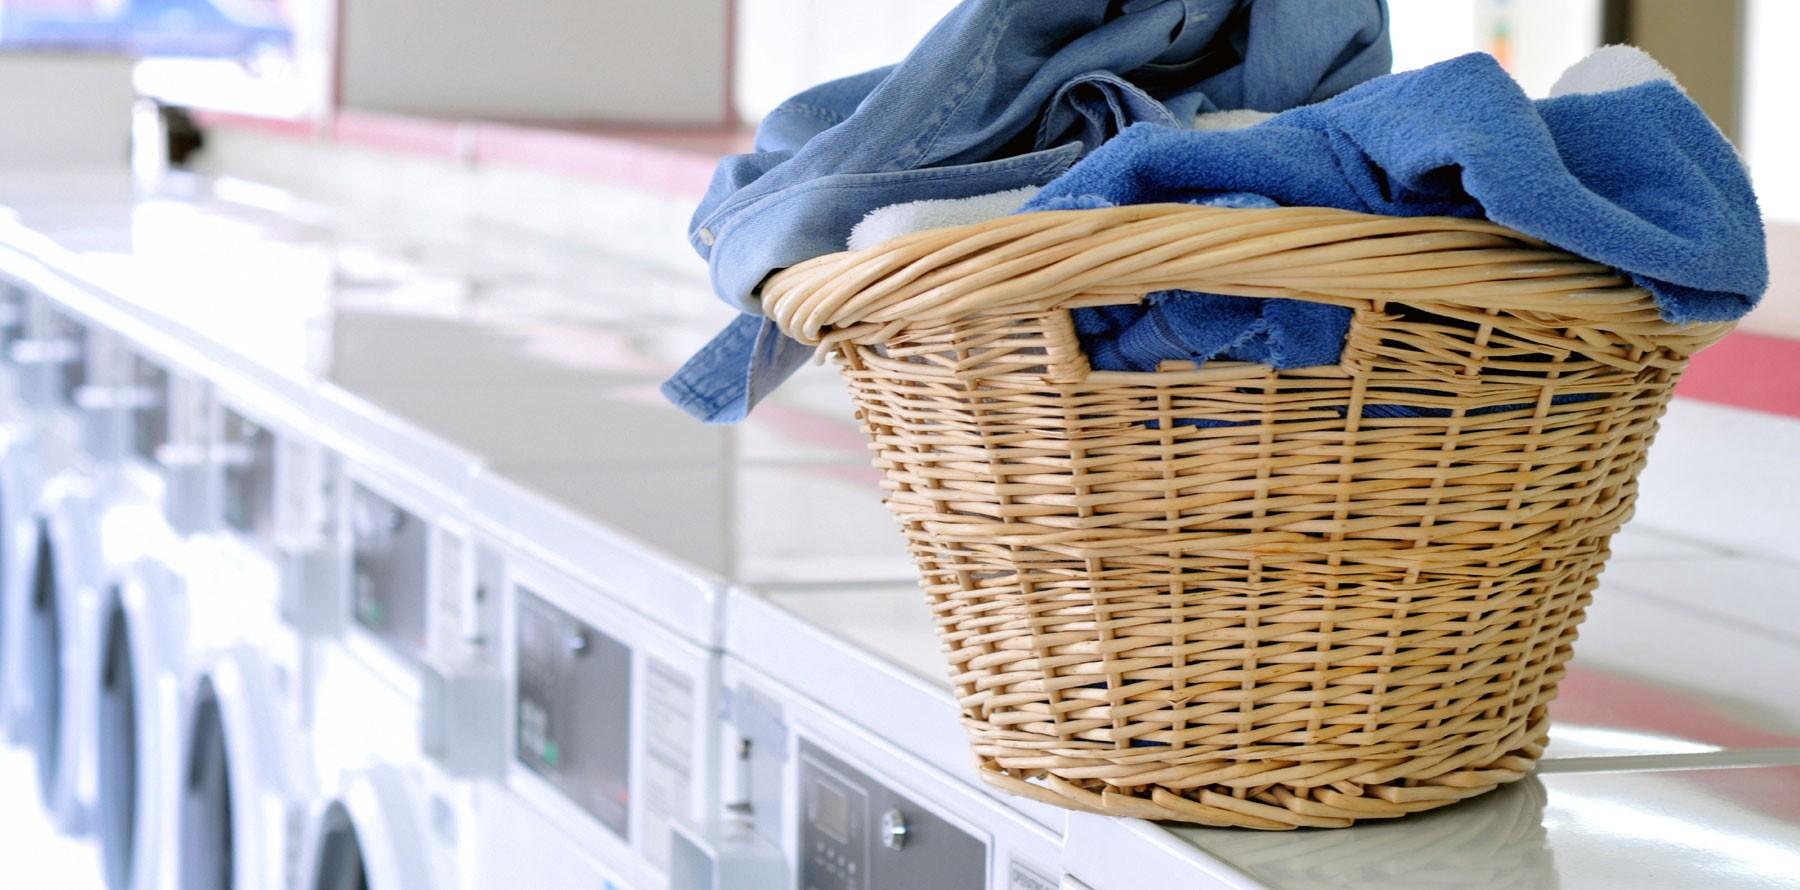 Managed Laundry Basket BDS Laundry